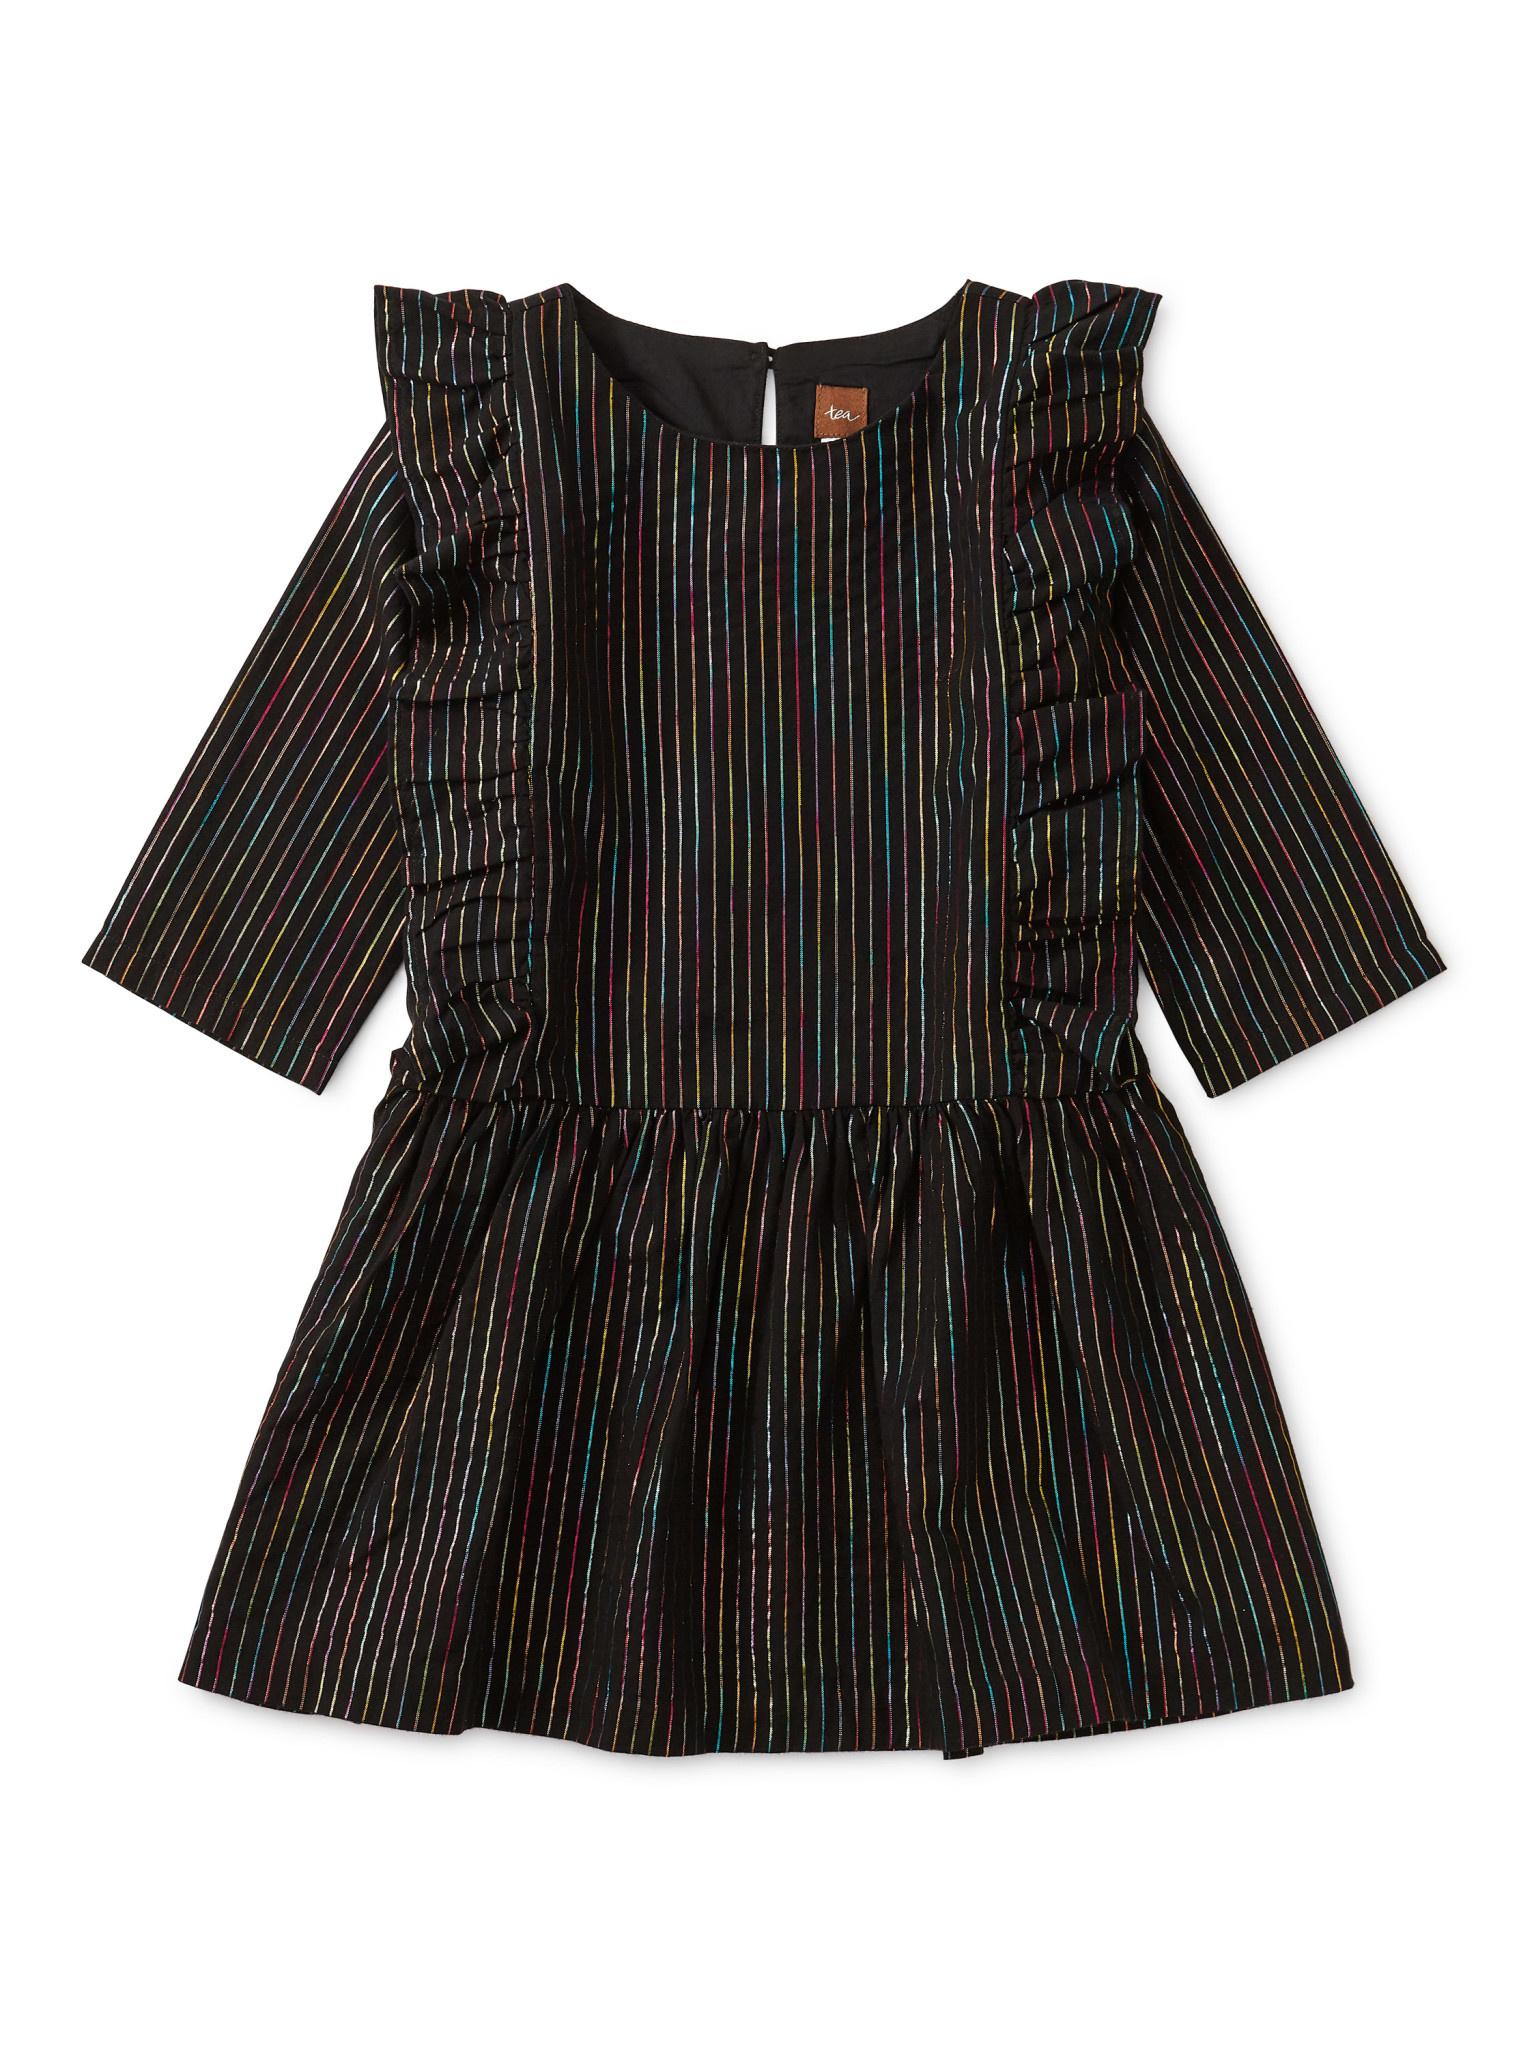 Tea Collection Rainbow Metallic Ruffle Dress